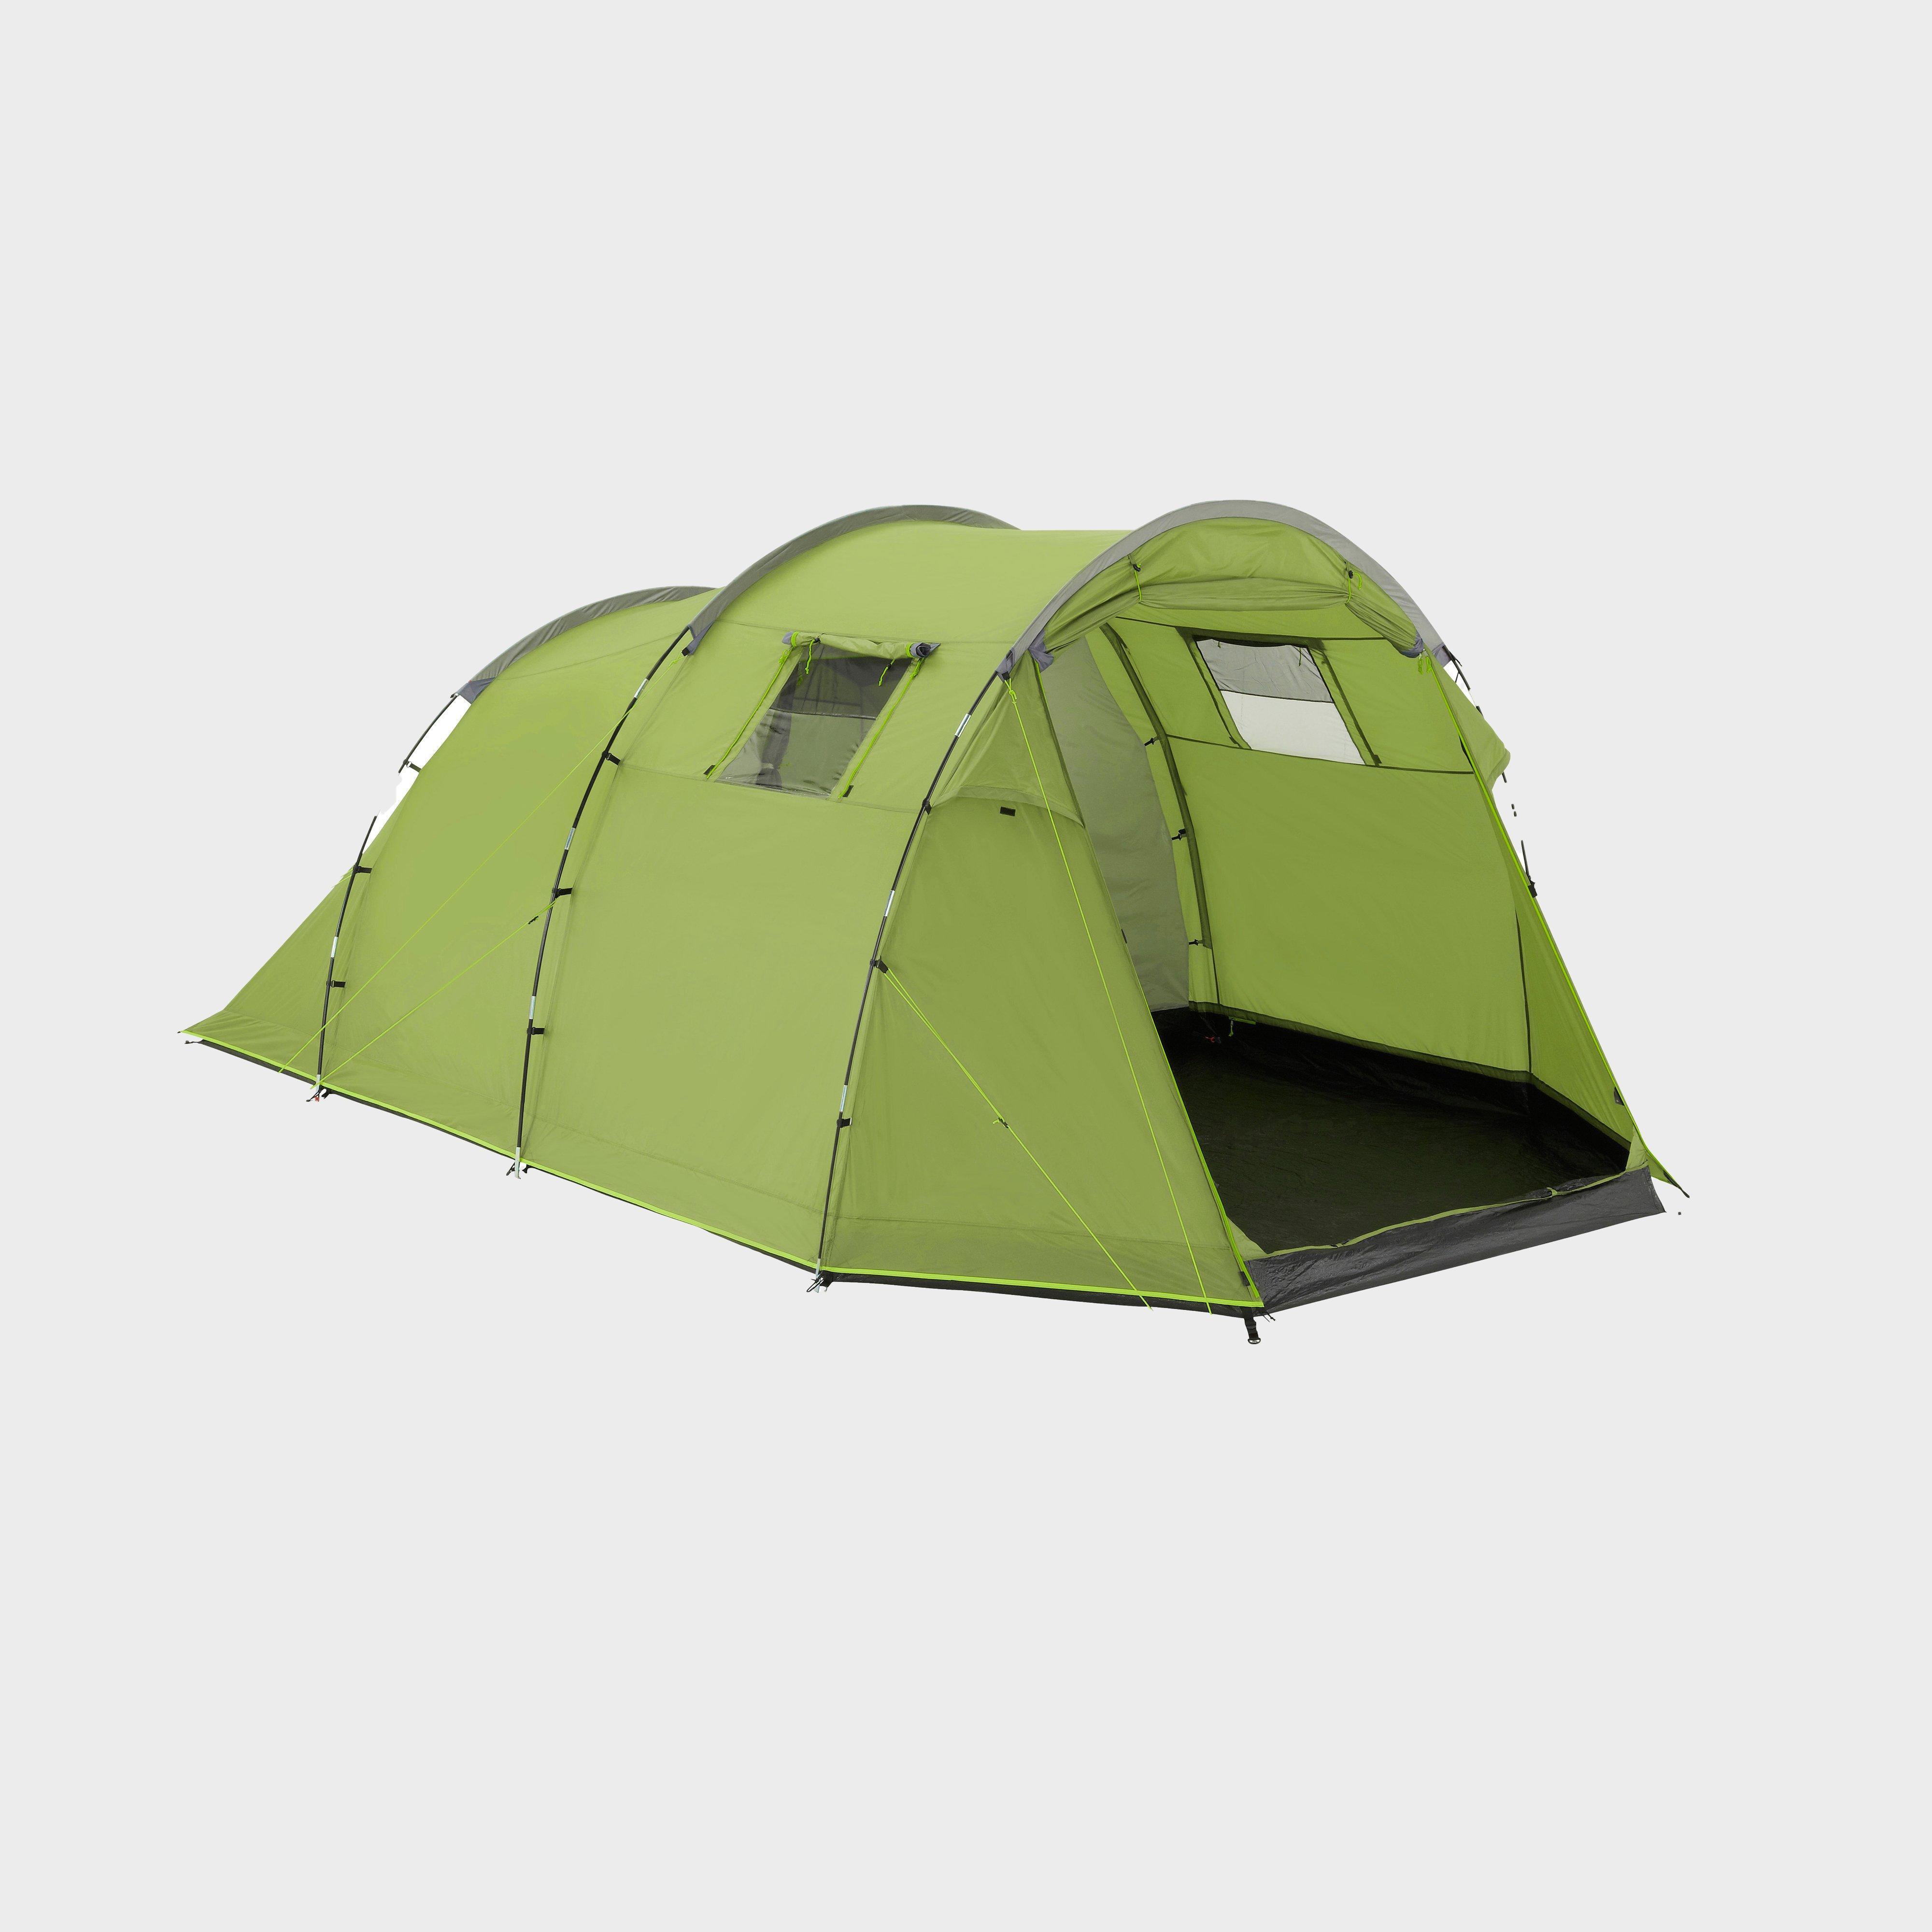 Eurohike Sendero 6 Family Tent, GRN/GRN